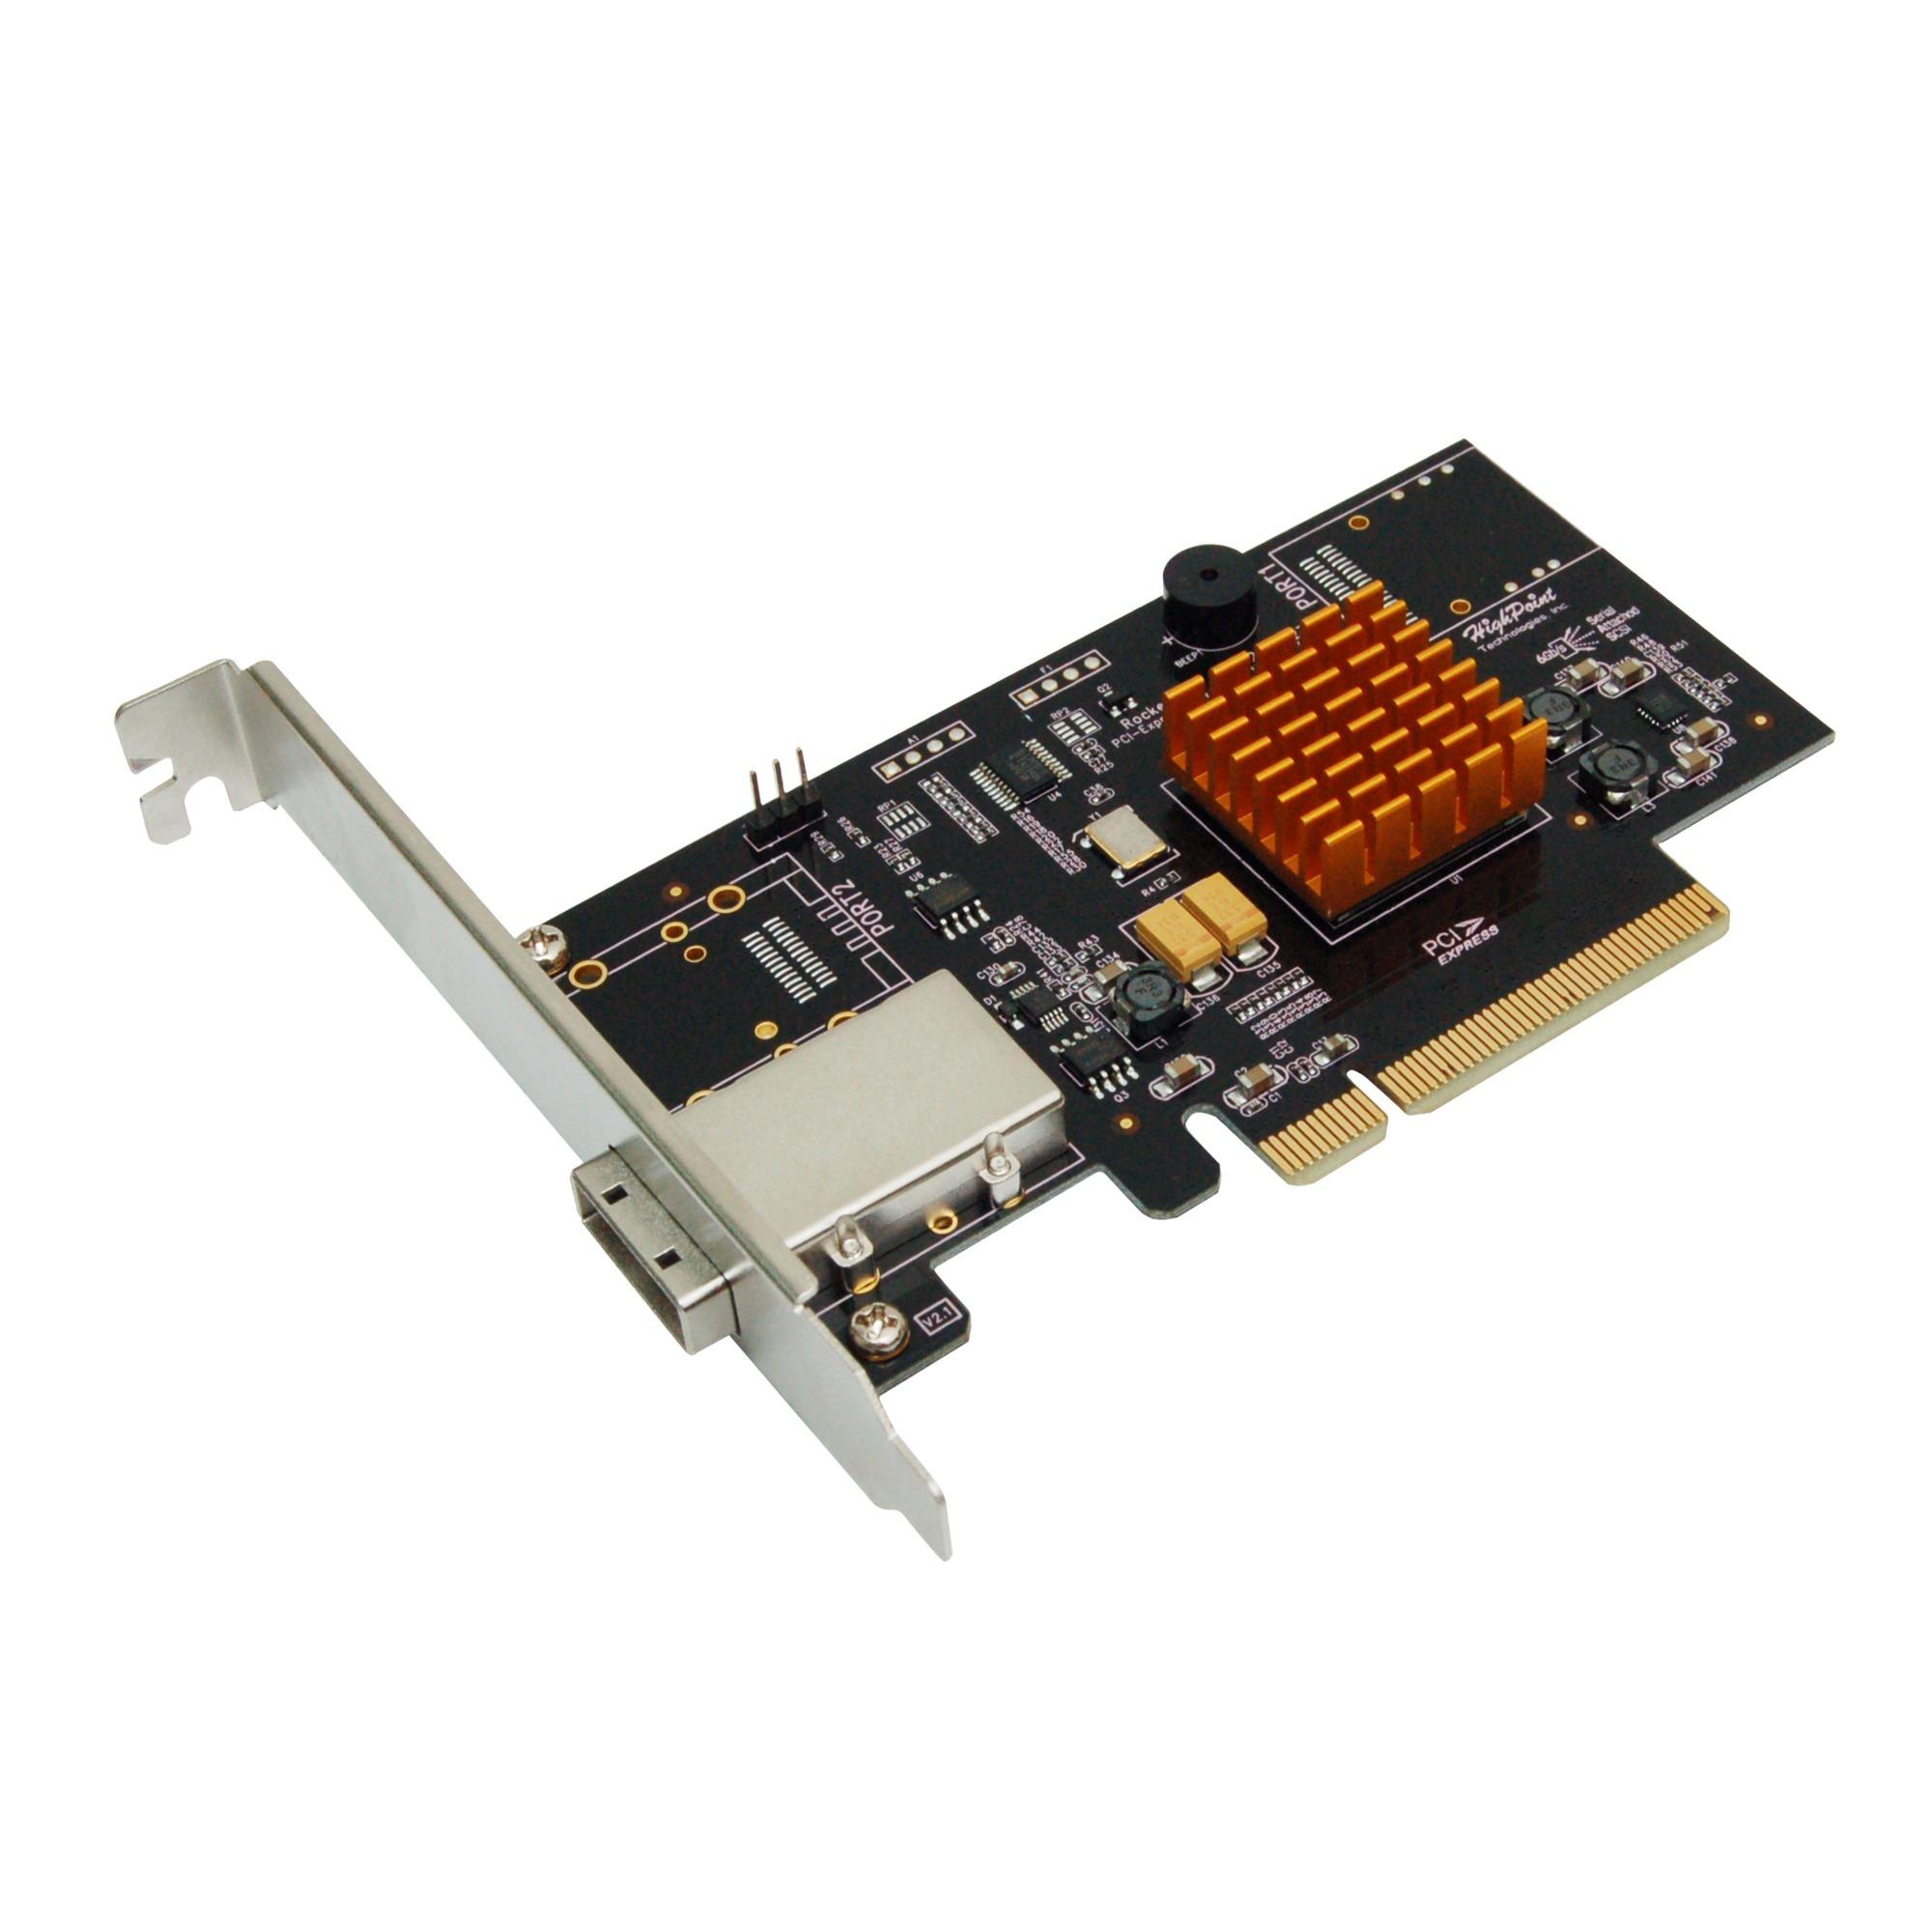 RocketRAID 2711 tarjeta y adaptador de interfaz mini SAS Interno, Controlador